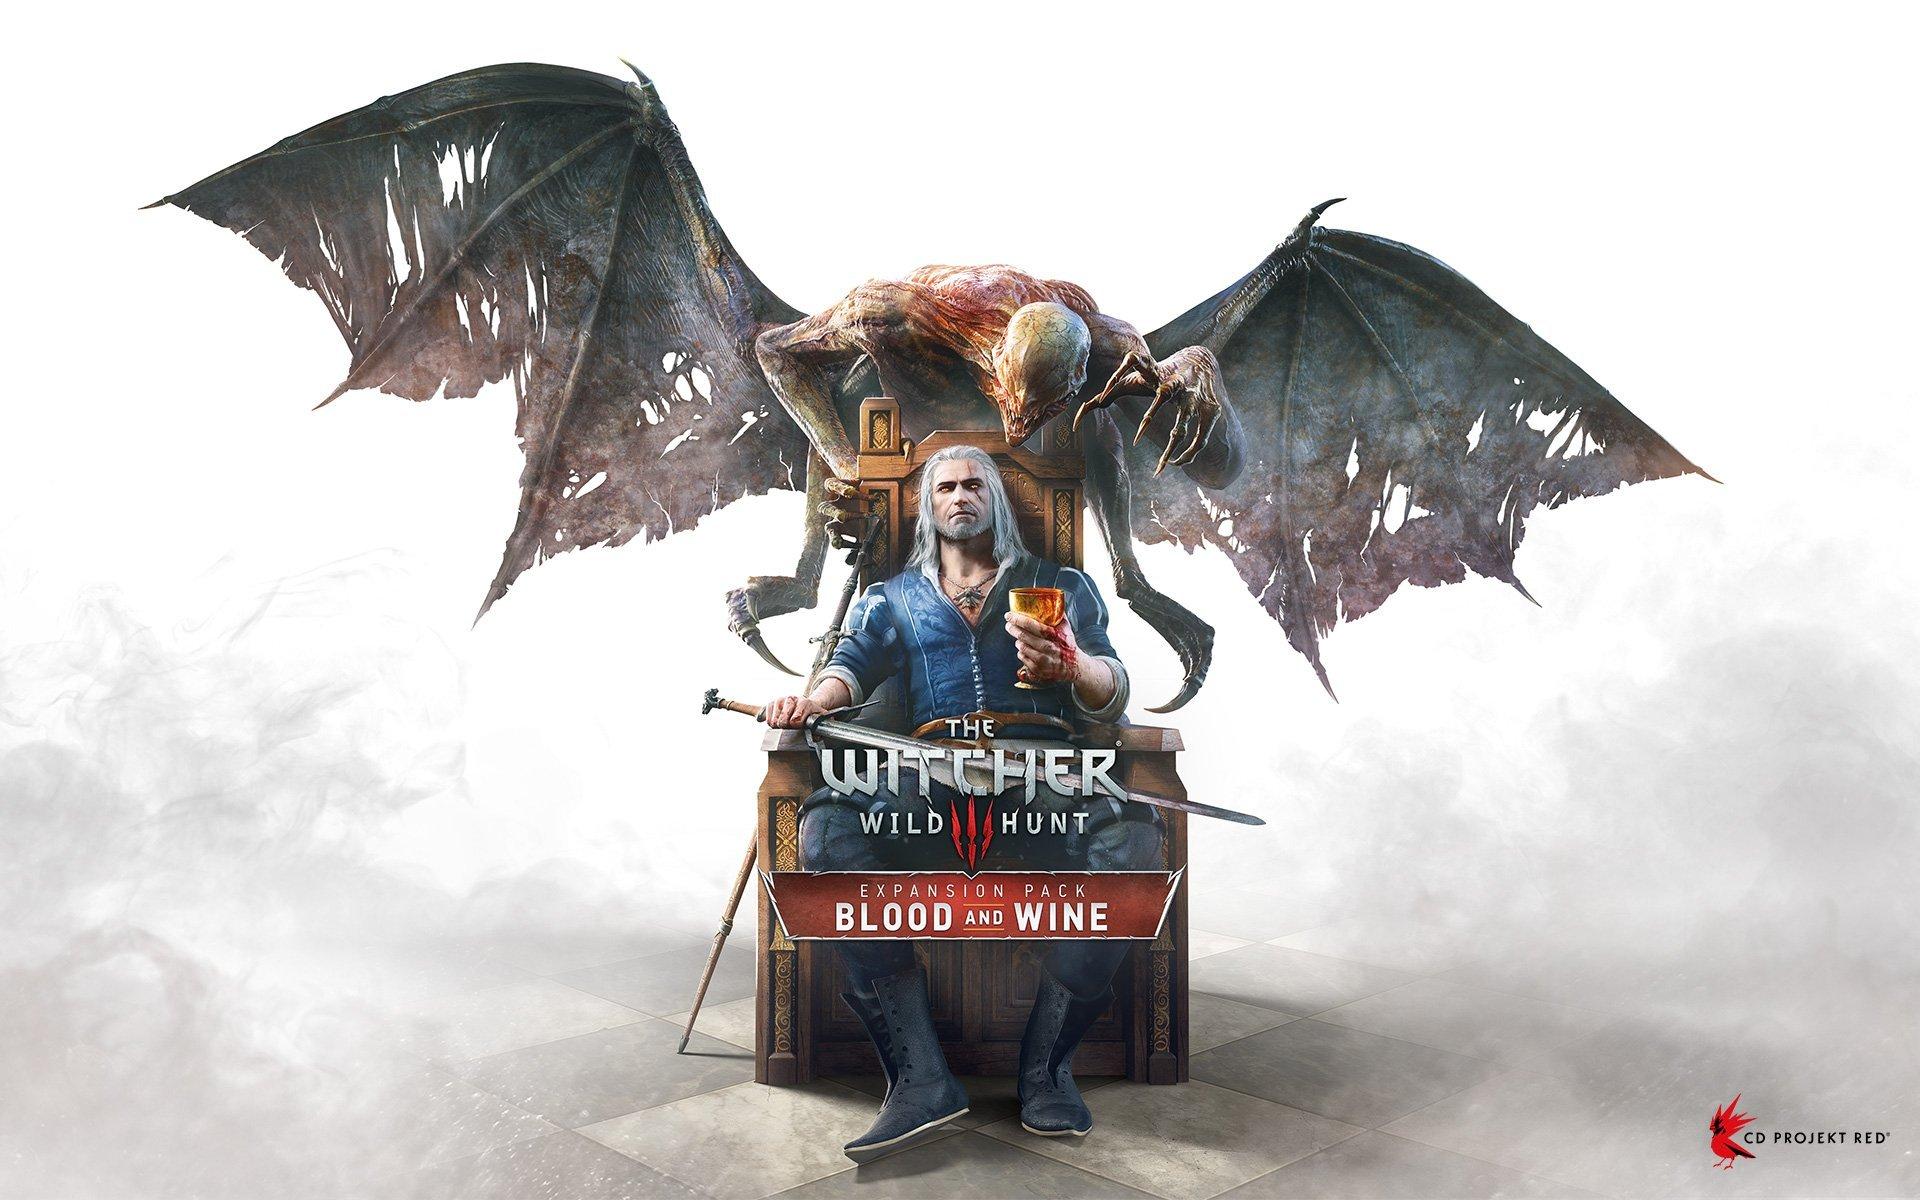 Вопль-прохождение Witcher 3: Кровь и Вино ... НАЧАЛО [ВНИМАНИЕ, ВОЗМОЖНЫ СПОЙЛЕРЫ]. - Изображение 1